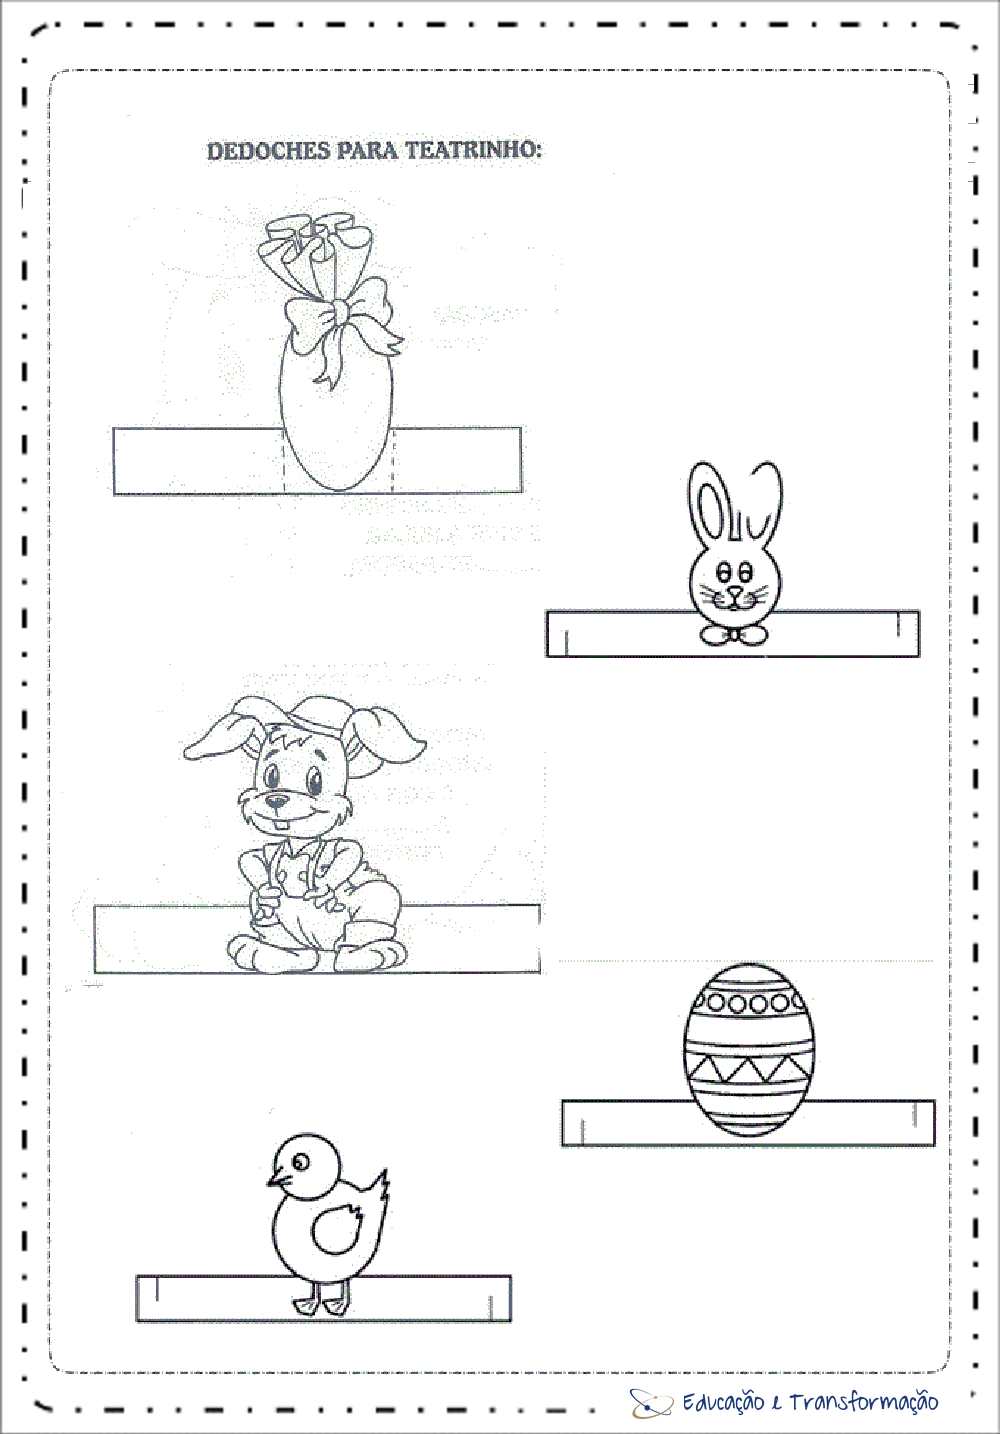 Lembrancinhas de Páscoa para escola para imprimir